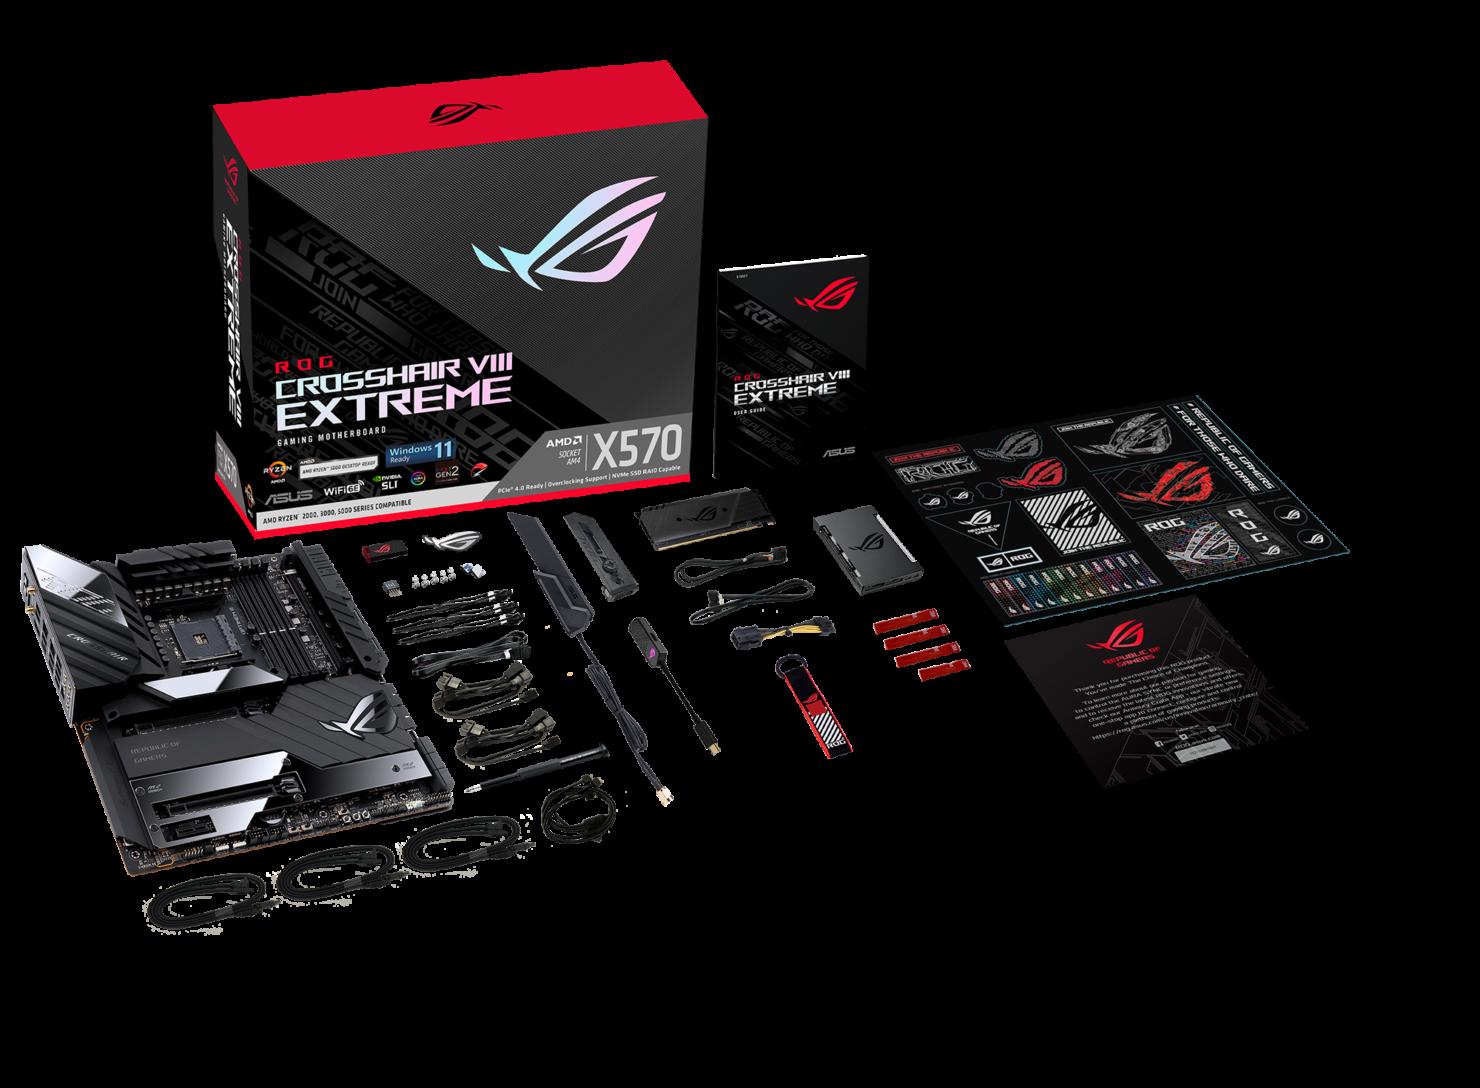 asus-rog-crosshair-viii-extreme-motherboard-_12